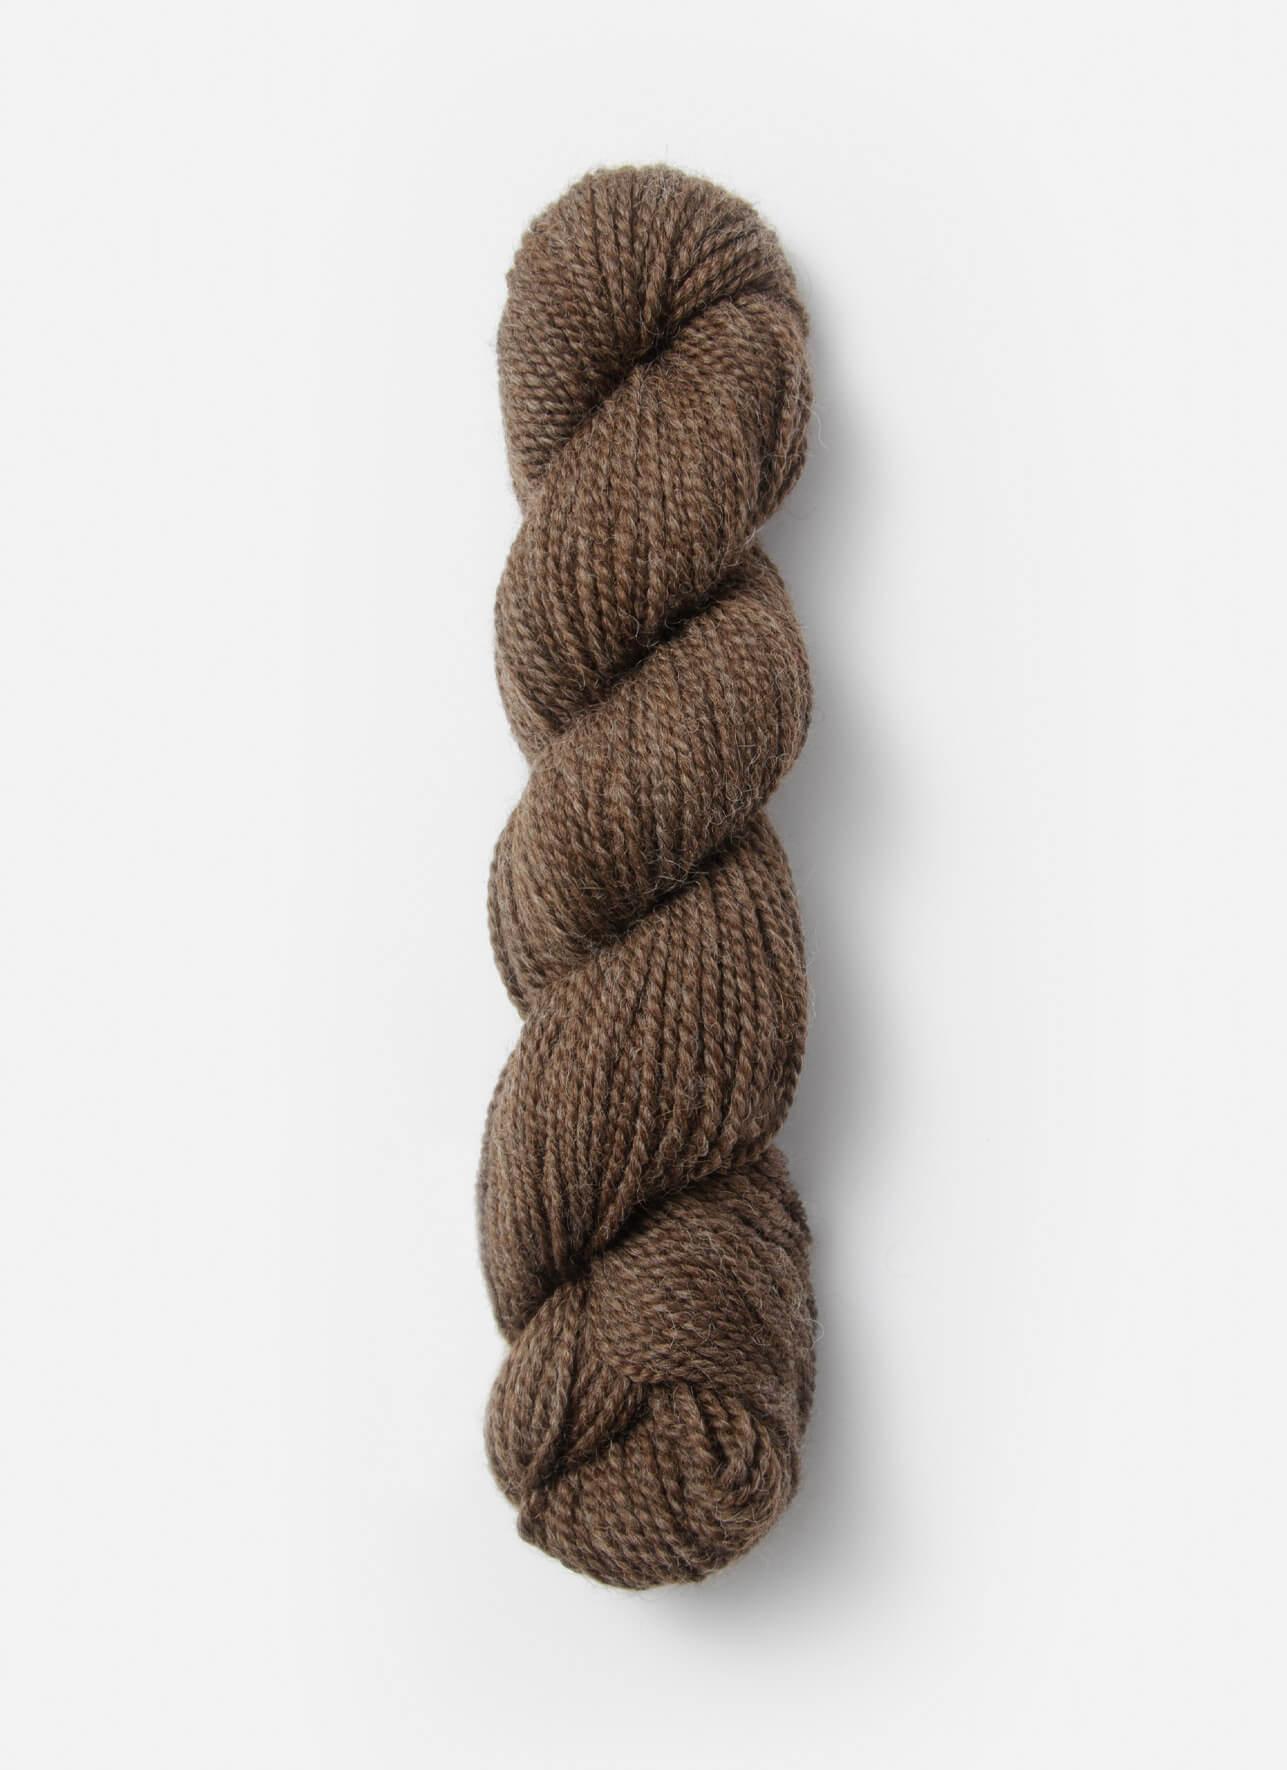 No. 506: Natural Streaky Brown